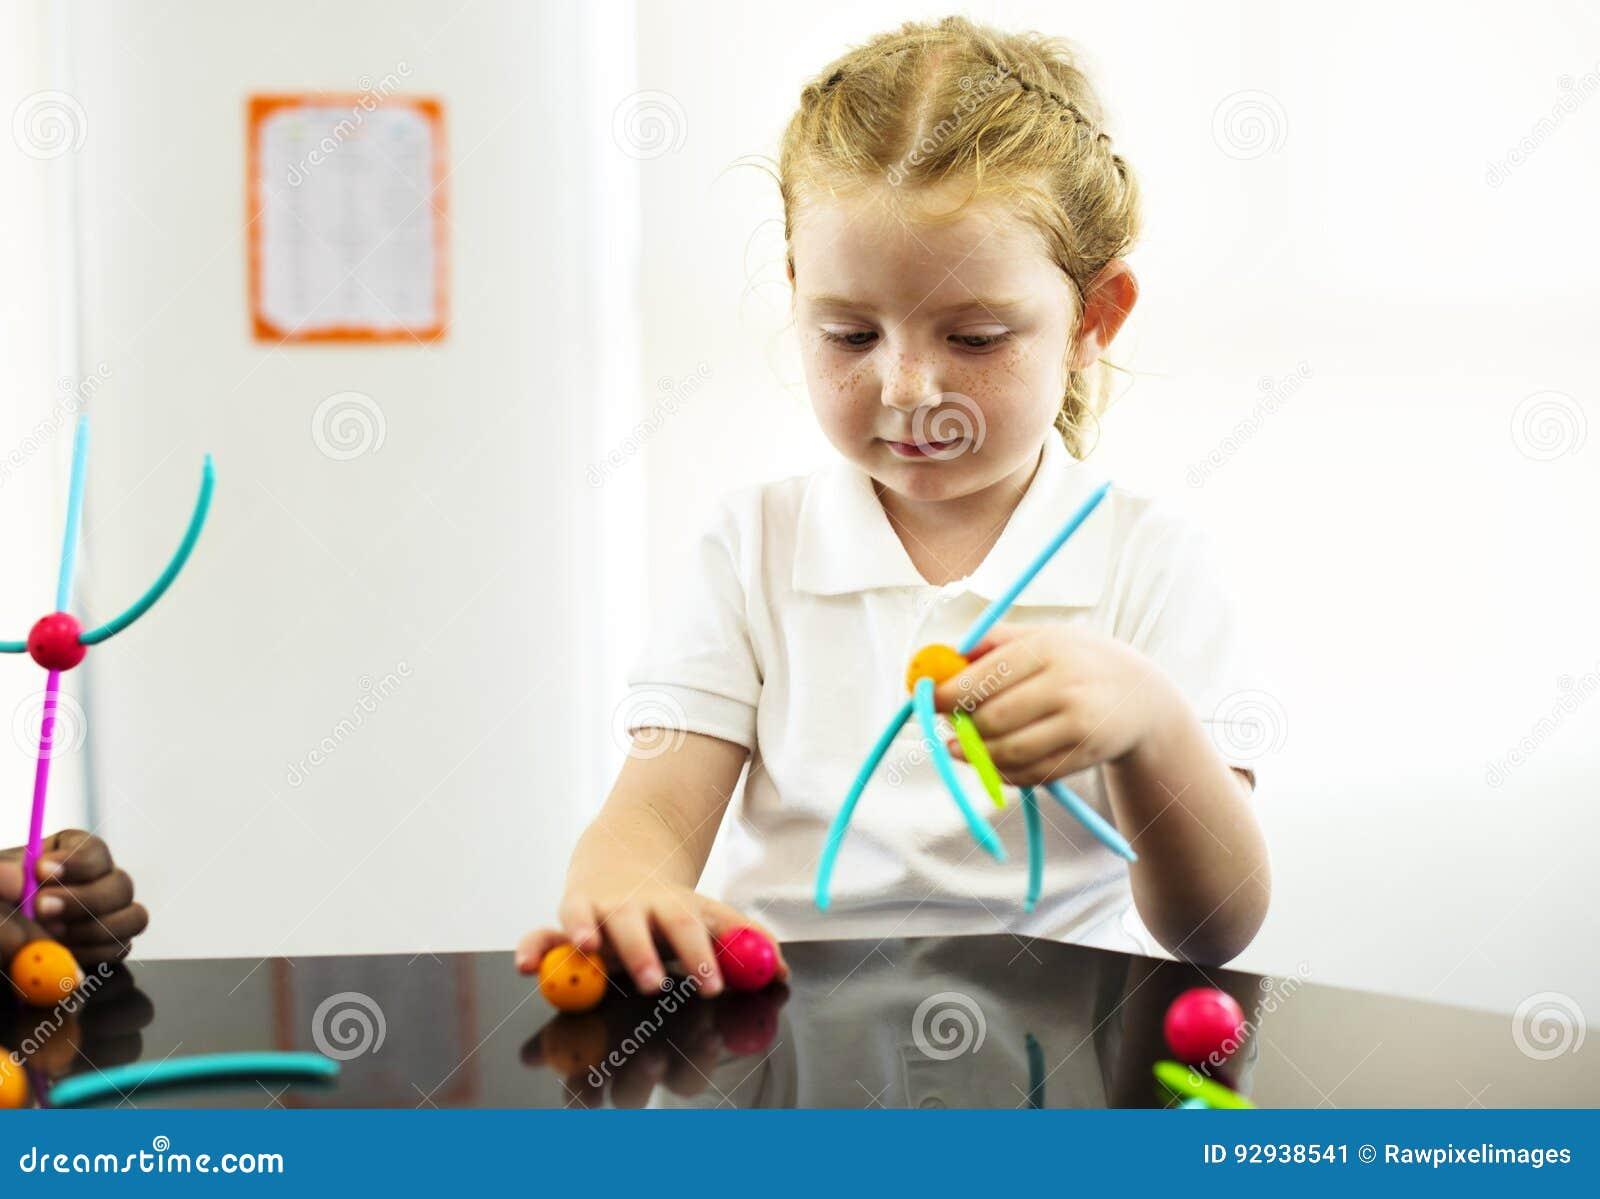 Kindergartenstudent, der das Lernen von Strukturen von den Spielwaren hält